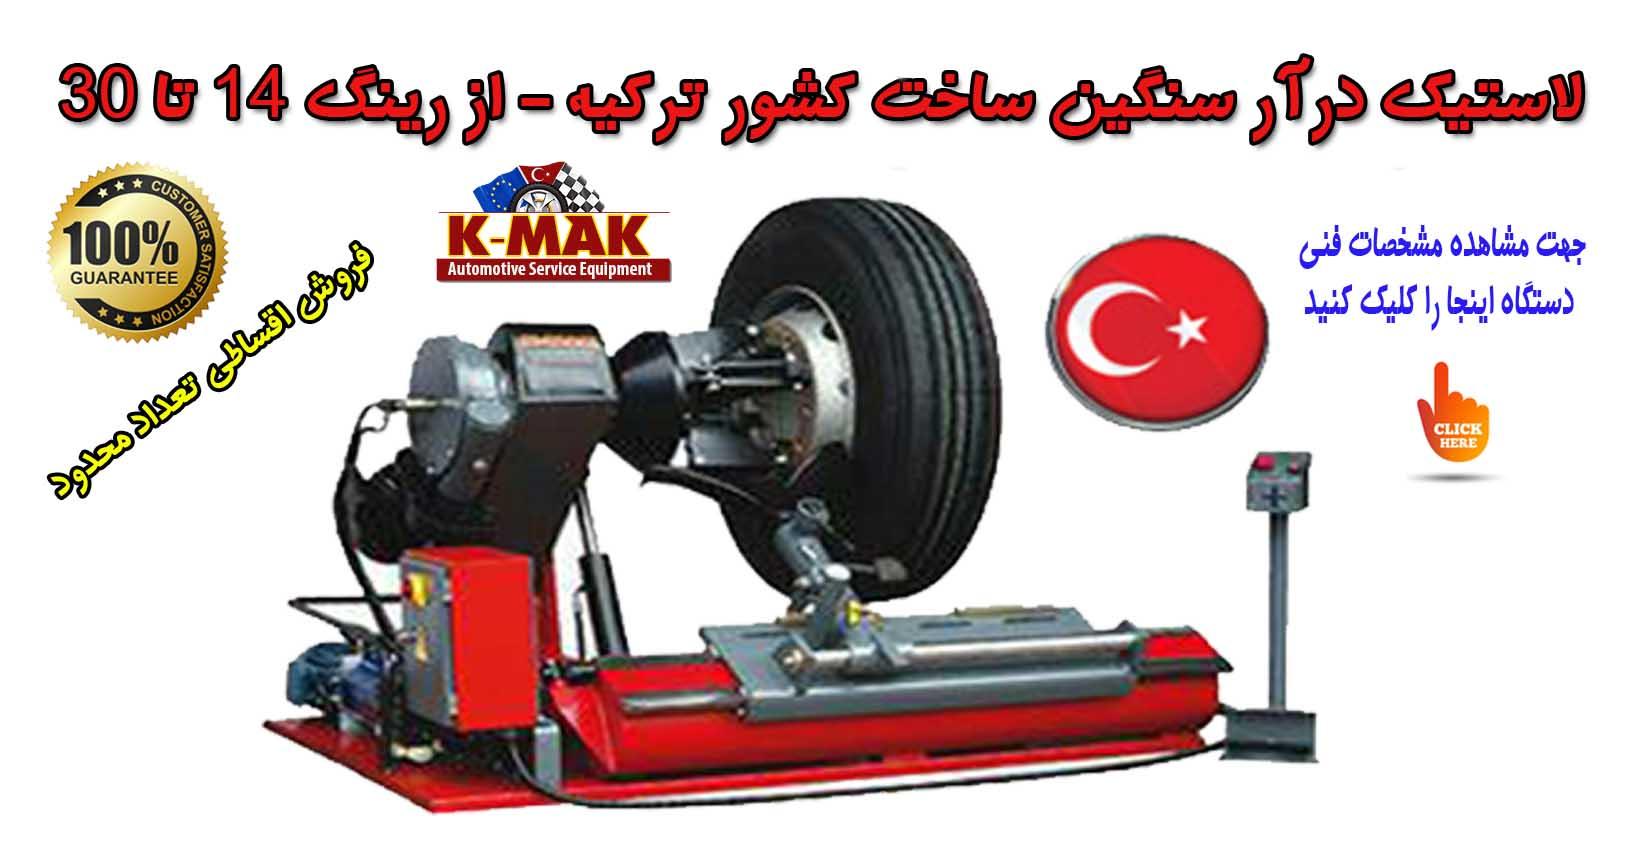 لاستیک درآر سنگین ساخت کشور ترکیه - از رینگ 14 تا 30